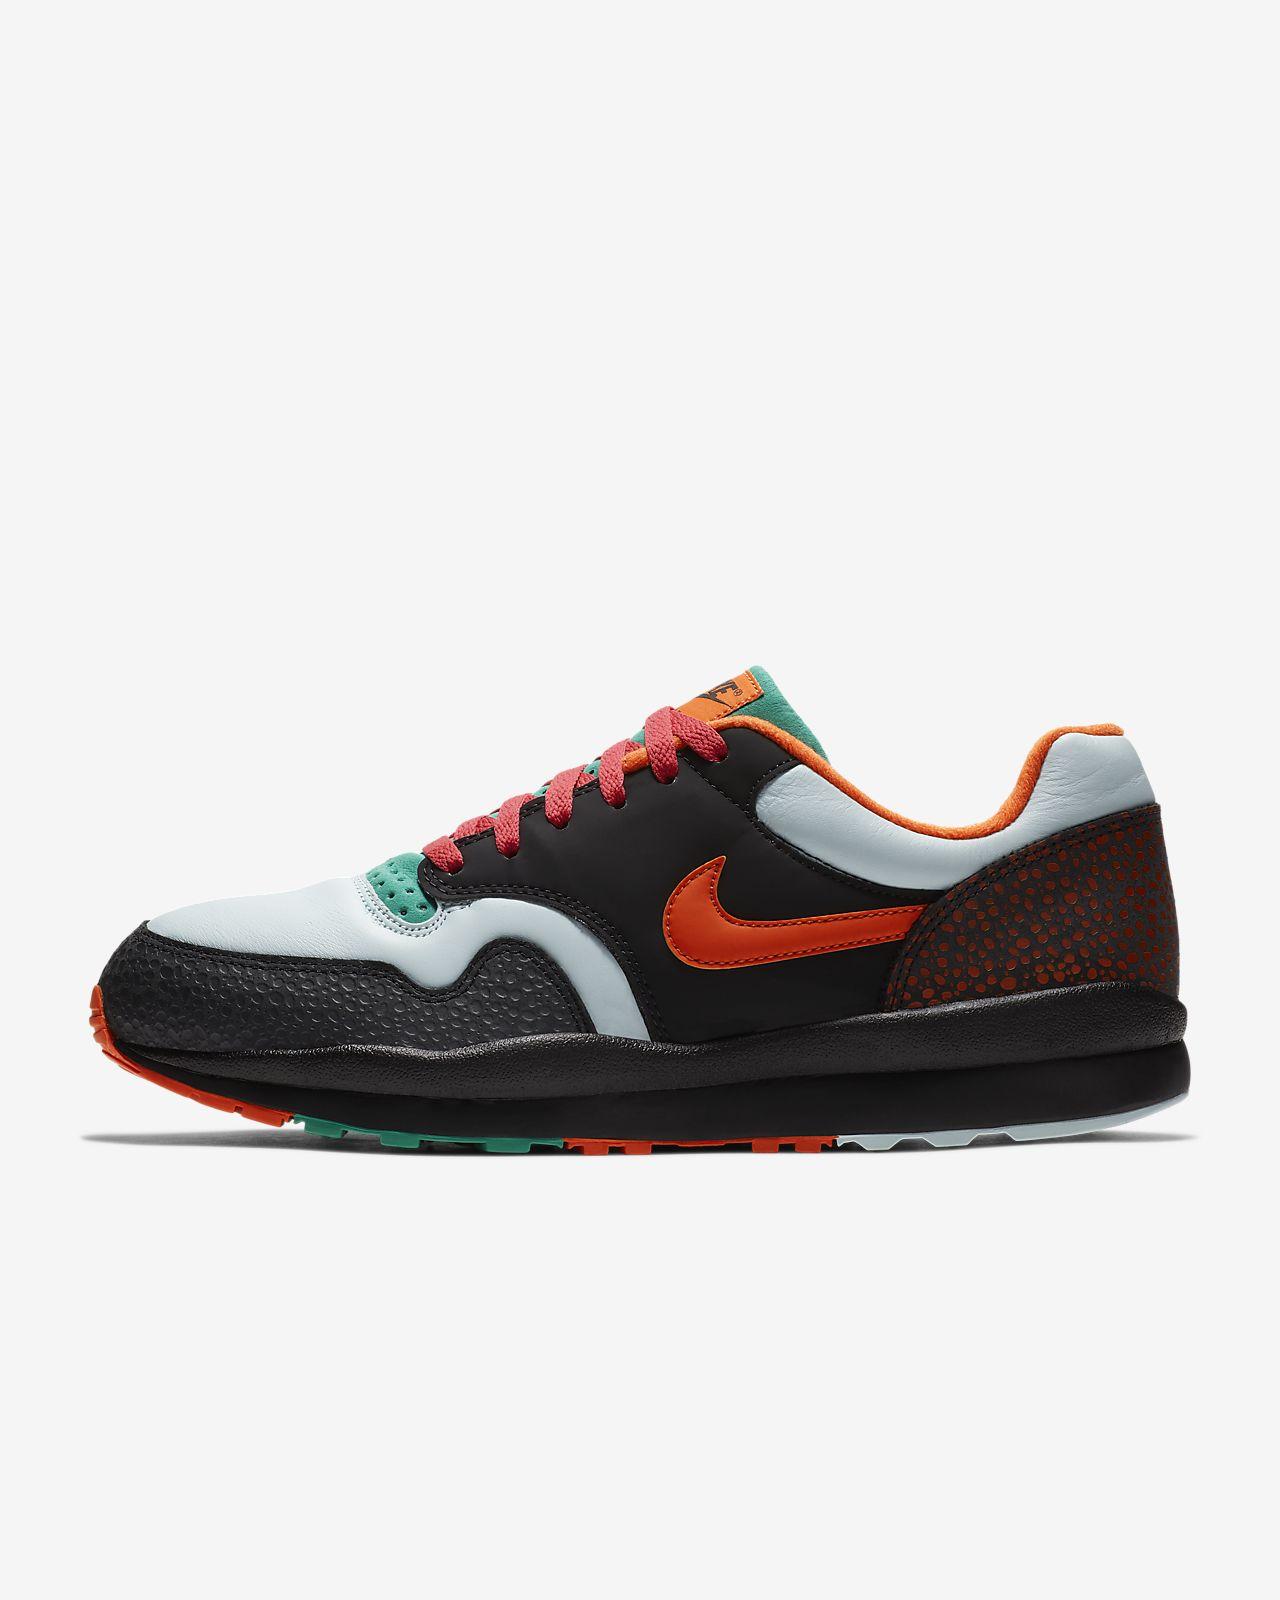 5e7db0892a9 Nike Air Safari SE Men s Shoe. Nike.com CA